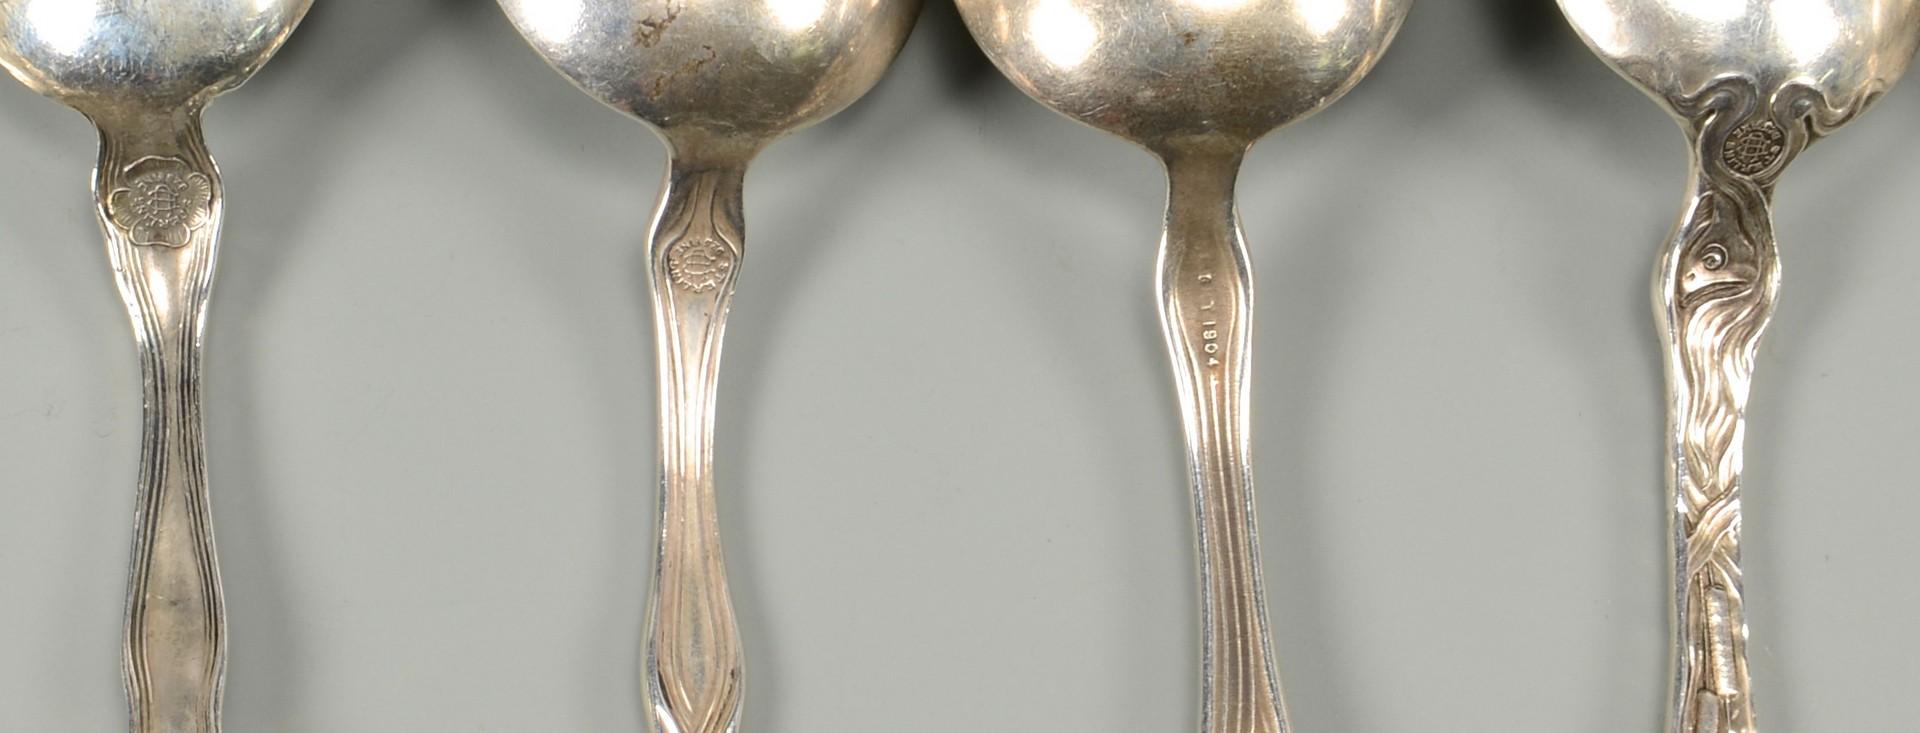 Lot 442: Art Nouveau Sterling Silver, incl Unger